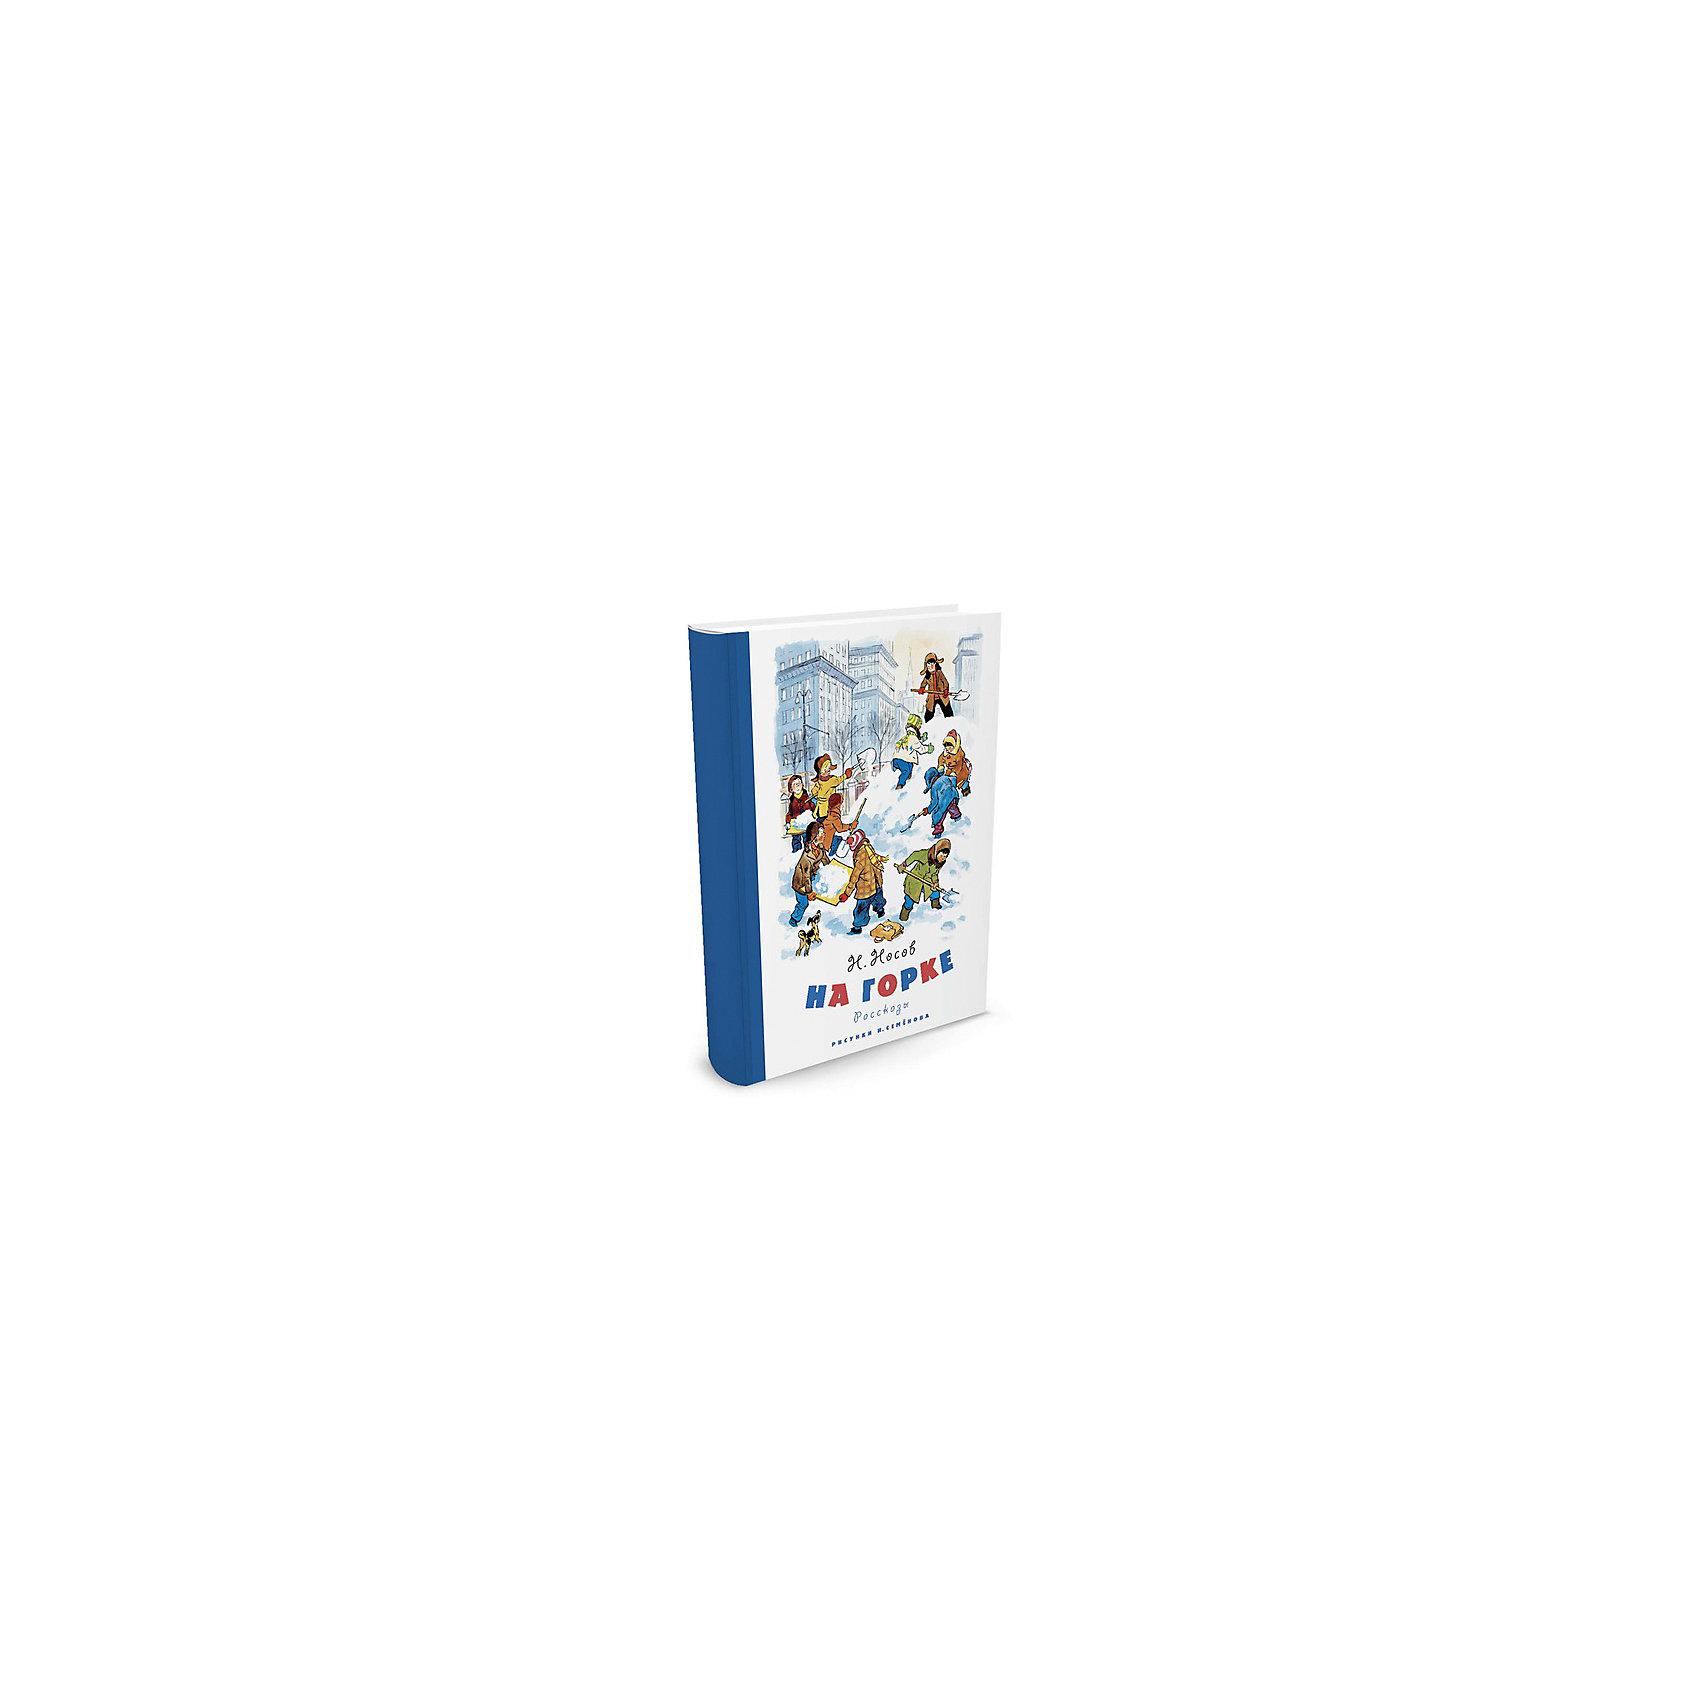 Рассказы На горкеСказки, рассказы, стихи<br>Народный художник СССР Иван Семёнов начинал как график и карикатурист. Его первая карикатура была напечатана в 1926 году, а в конце 40-х он увлёкся книжной иллюстрацией, и конечно же юмористического характера. В 1956 году Иван Семёнов возглавил детский журнал «Весёлые картинки» и проработал в нём более 20 лет. Широкую известность ему принесли рисунки к рассказам Николая Носова. Добрые, весёлые, поучительные, они вдохновляли художника на создание незабываемых образов, настолько убедительных, что смеёшься до слёз.<br><br>Ширина мм: 262<br>Глубина мм: 203<br>Высота мм: 80<br>Вес г: 344<br>Возраст от месяцев: 84<br>Возраст до месяцев: 120<br>Пол: Унисекс<br>Возраст: Детский<br>SKU: 5493442